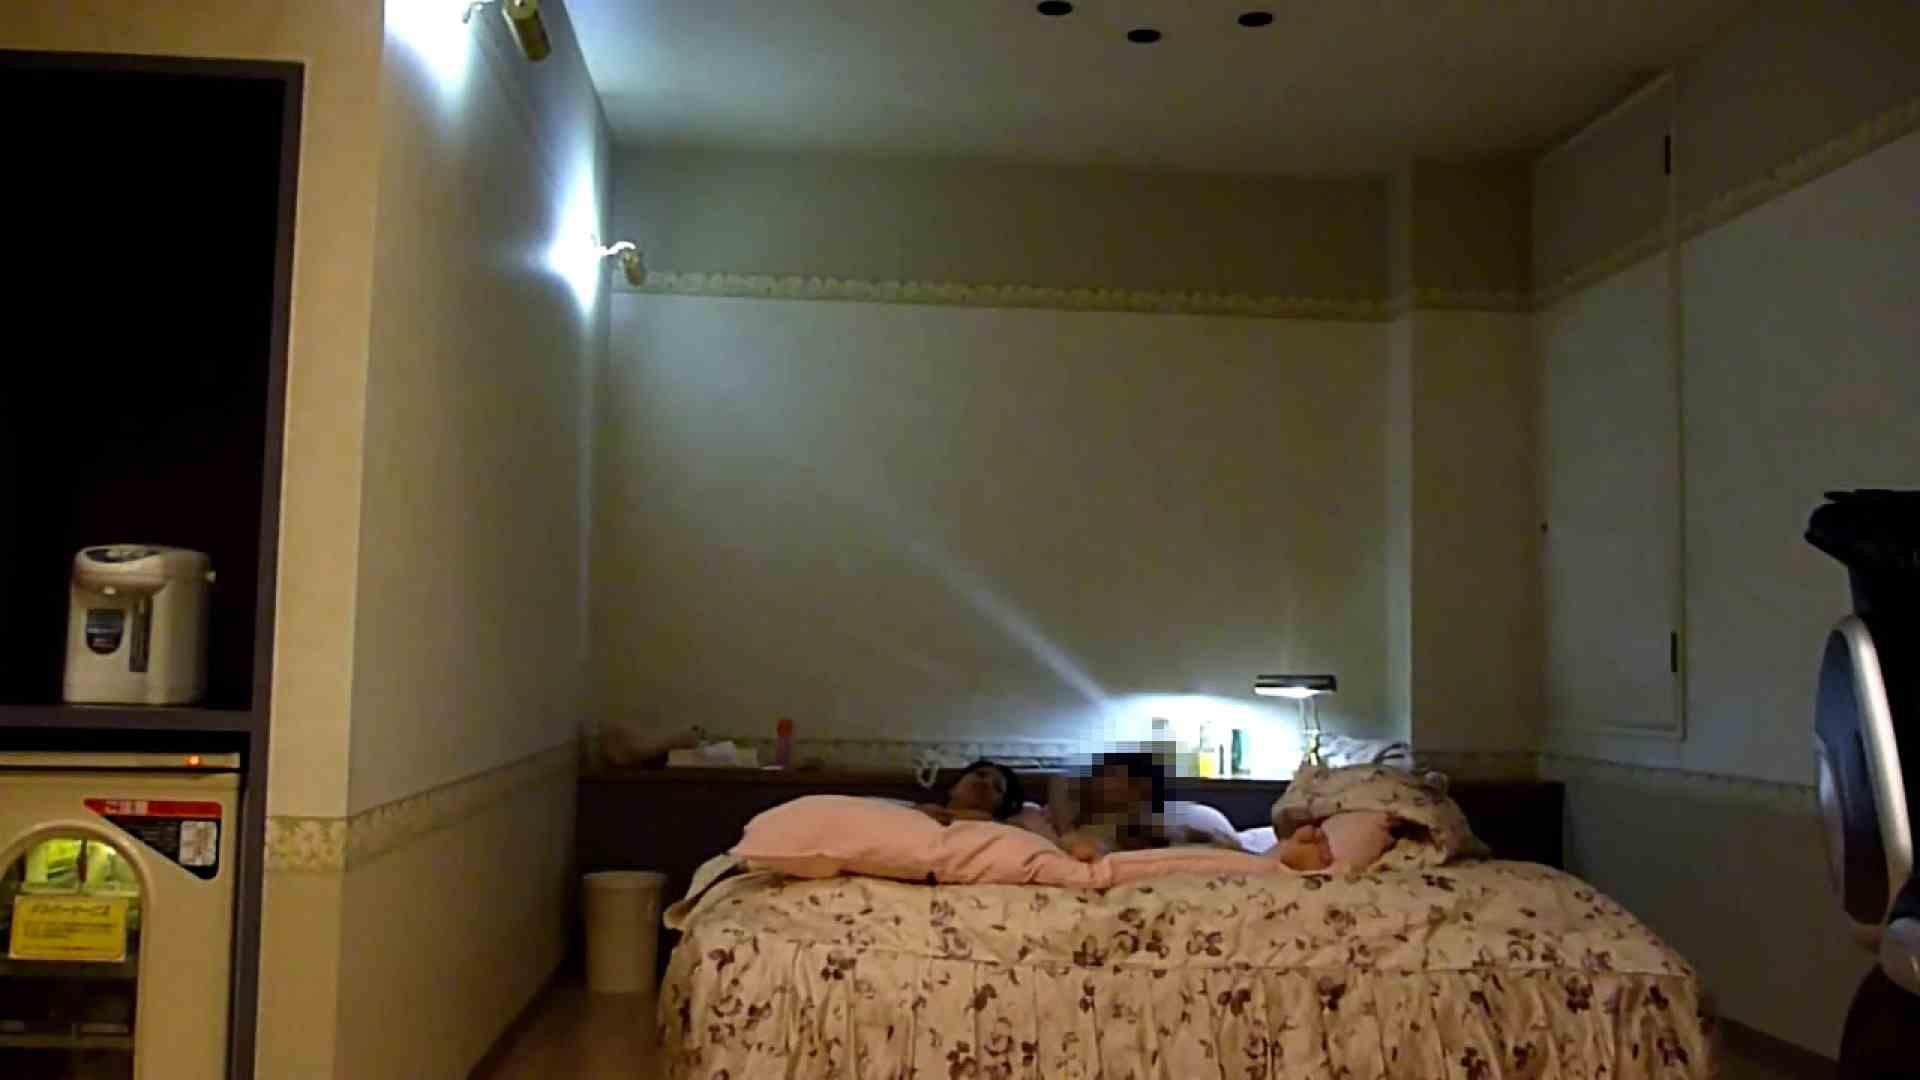 【完全素人投稿】誰にしようか!?やりチン健太の本日もデリ嬢いただきま~す!!12 素人ギャル女  81連発 12